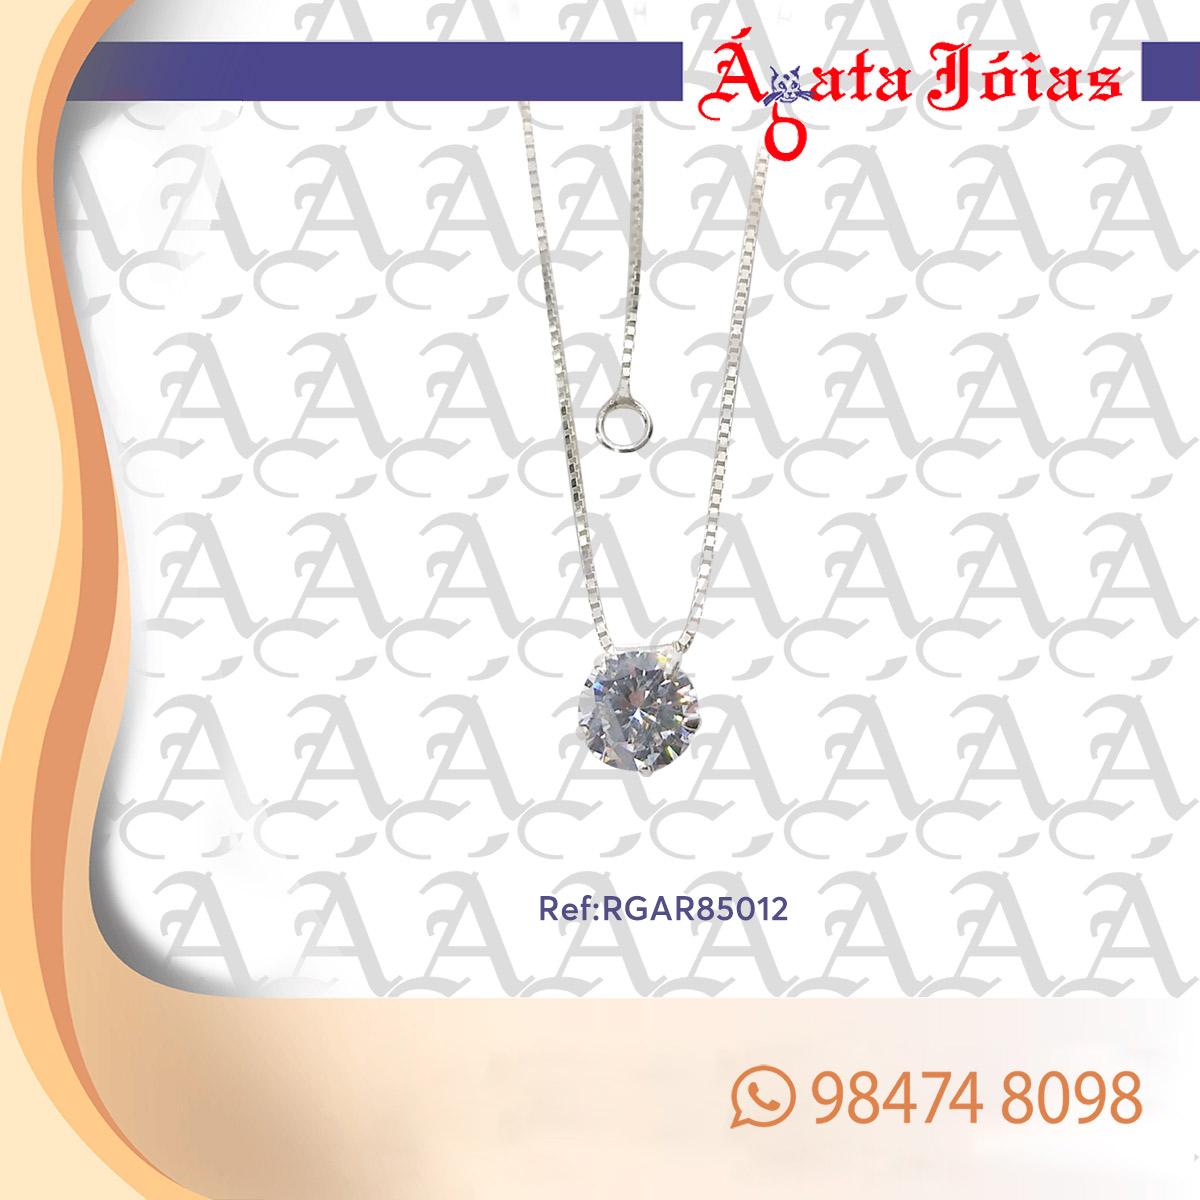 RGAR85012